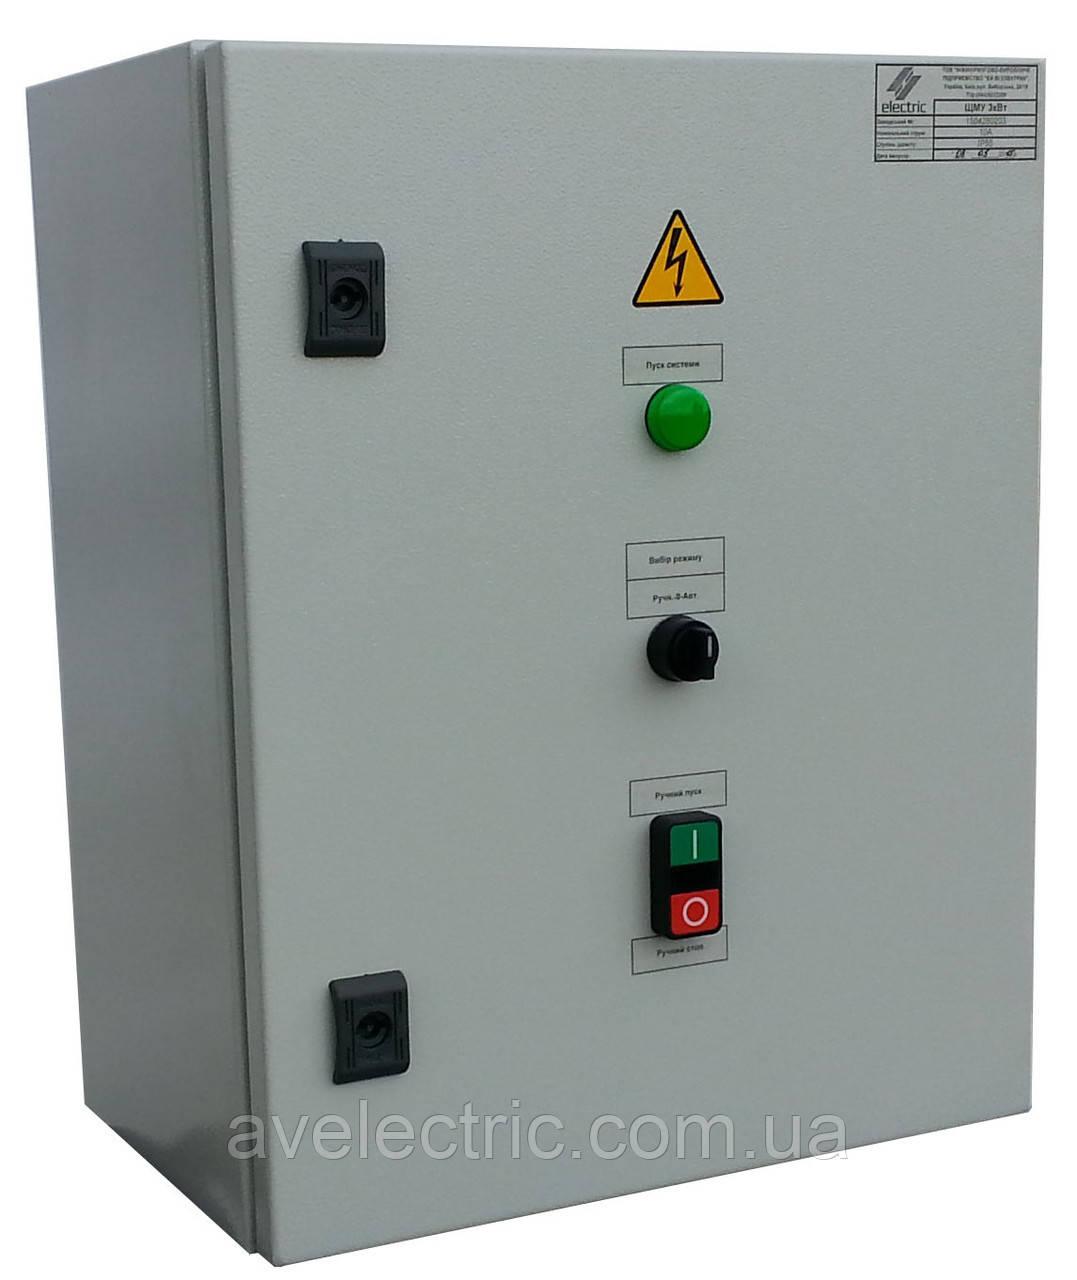 Ящик управления электродвигателем Я5111-2674-54У3